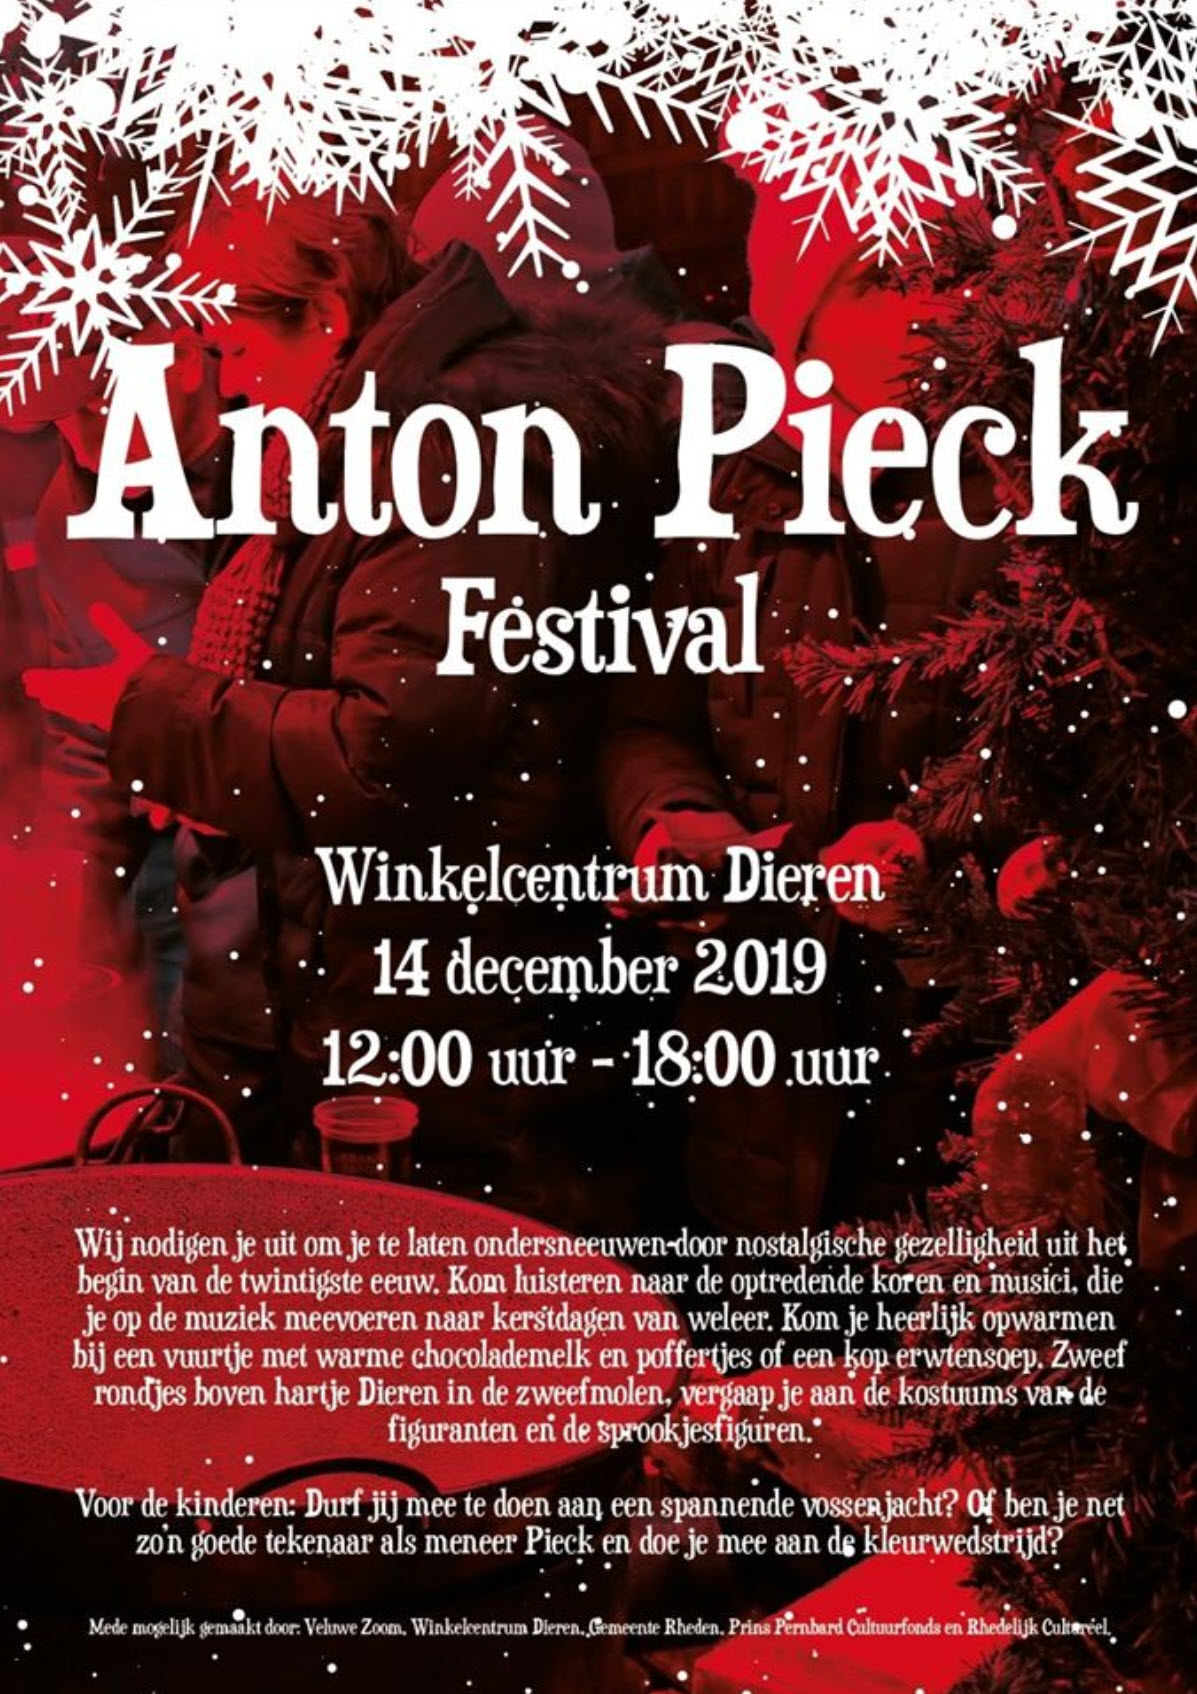 Anton Pieck Festival Dieren - Winkelcentrum Dieren